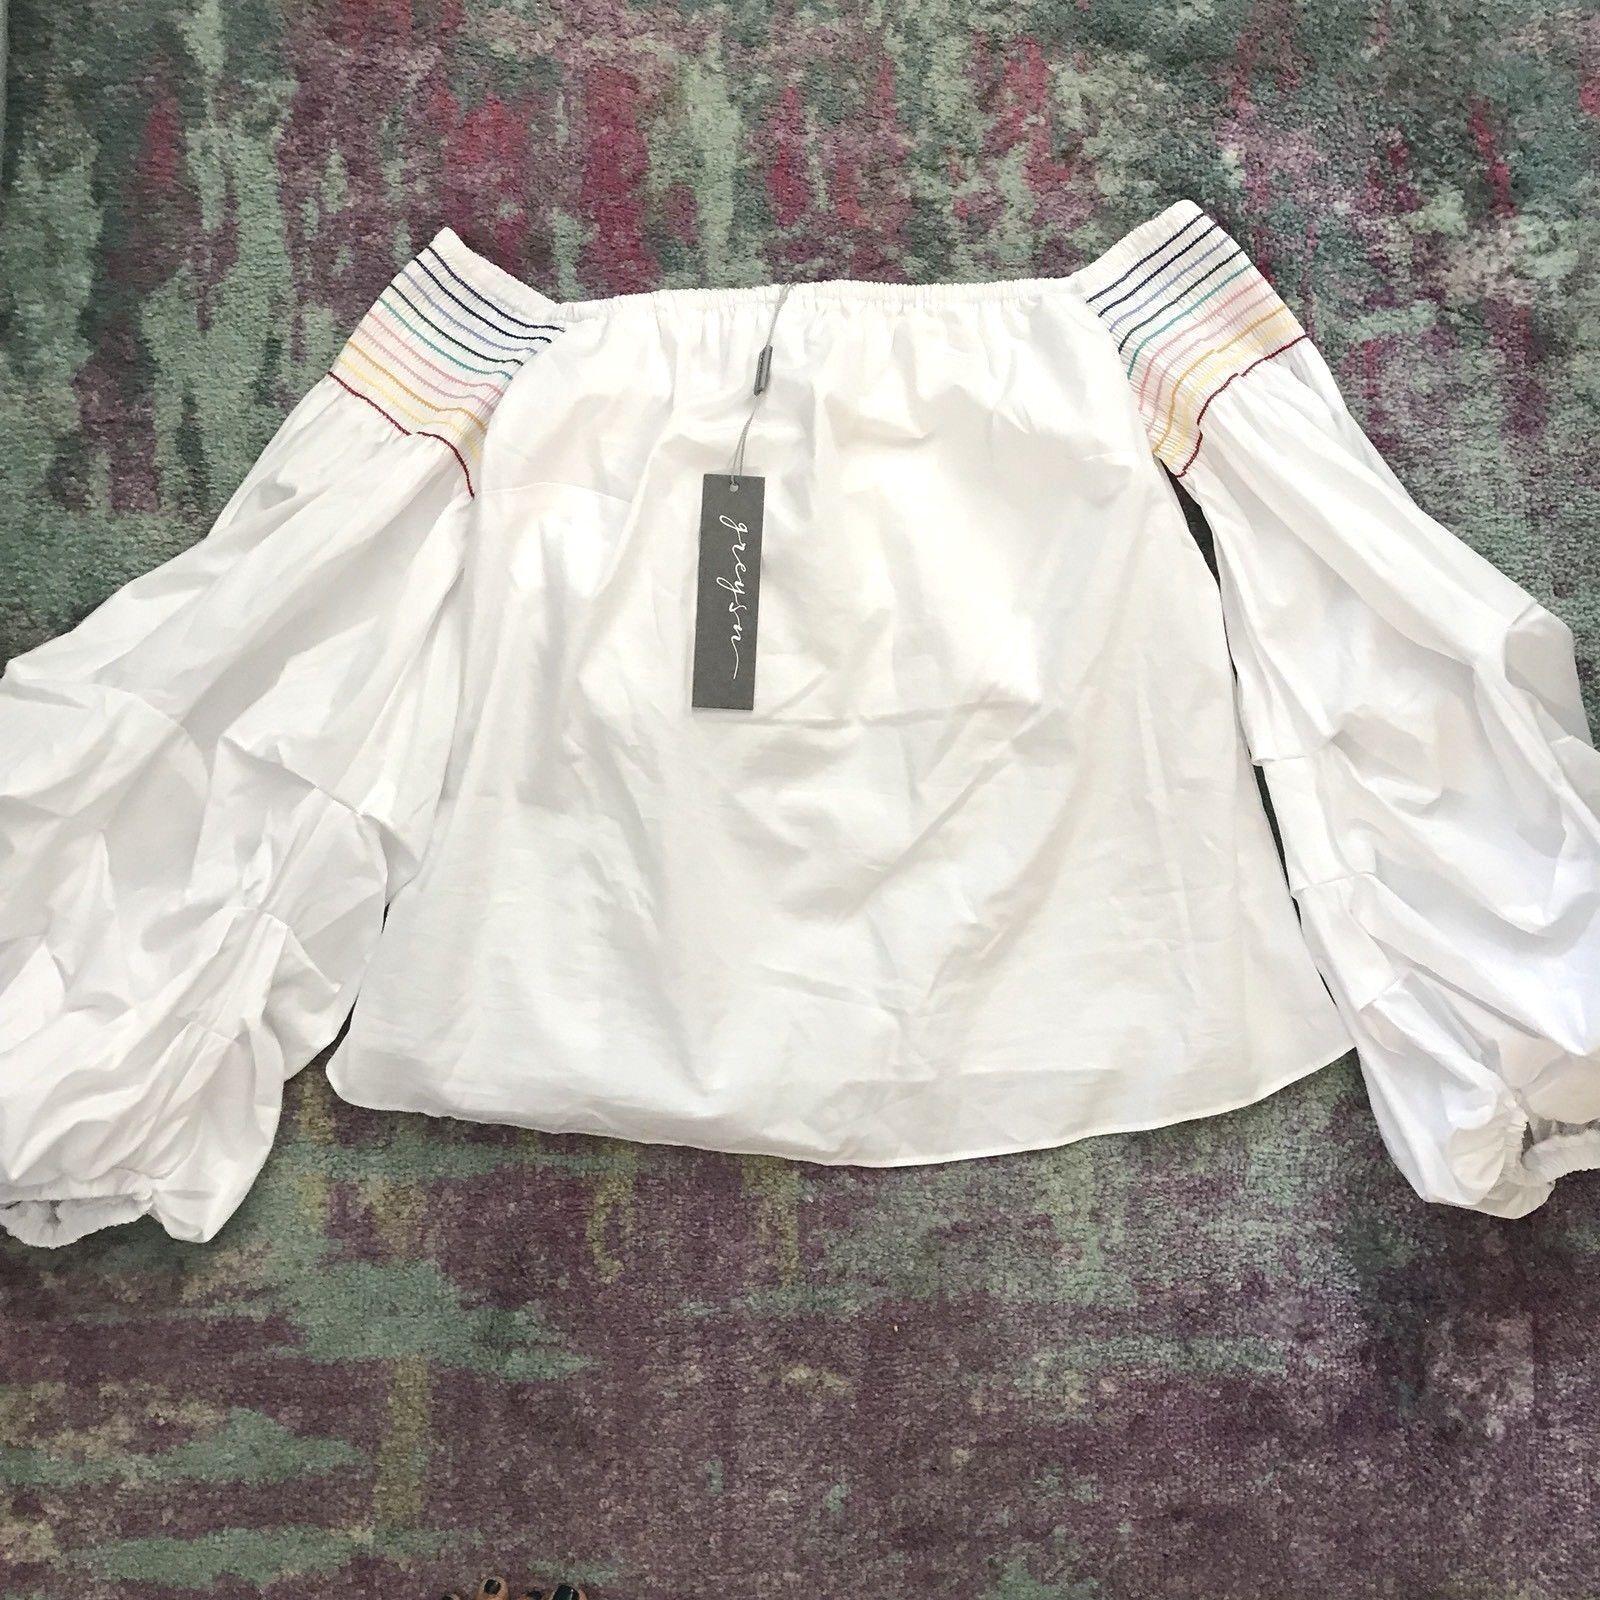 grissn Femme Blanc Off-épaule Puff Haut à hommeches Neuf avec étiquettes taille S 273   fabricants Standard prix de détail